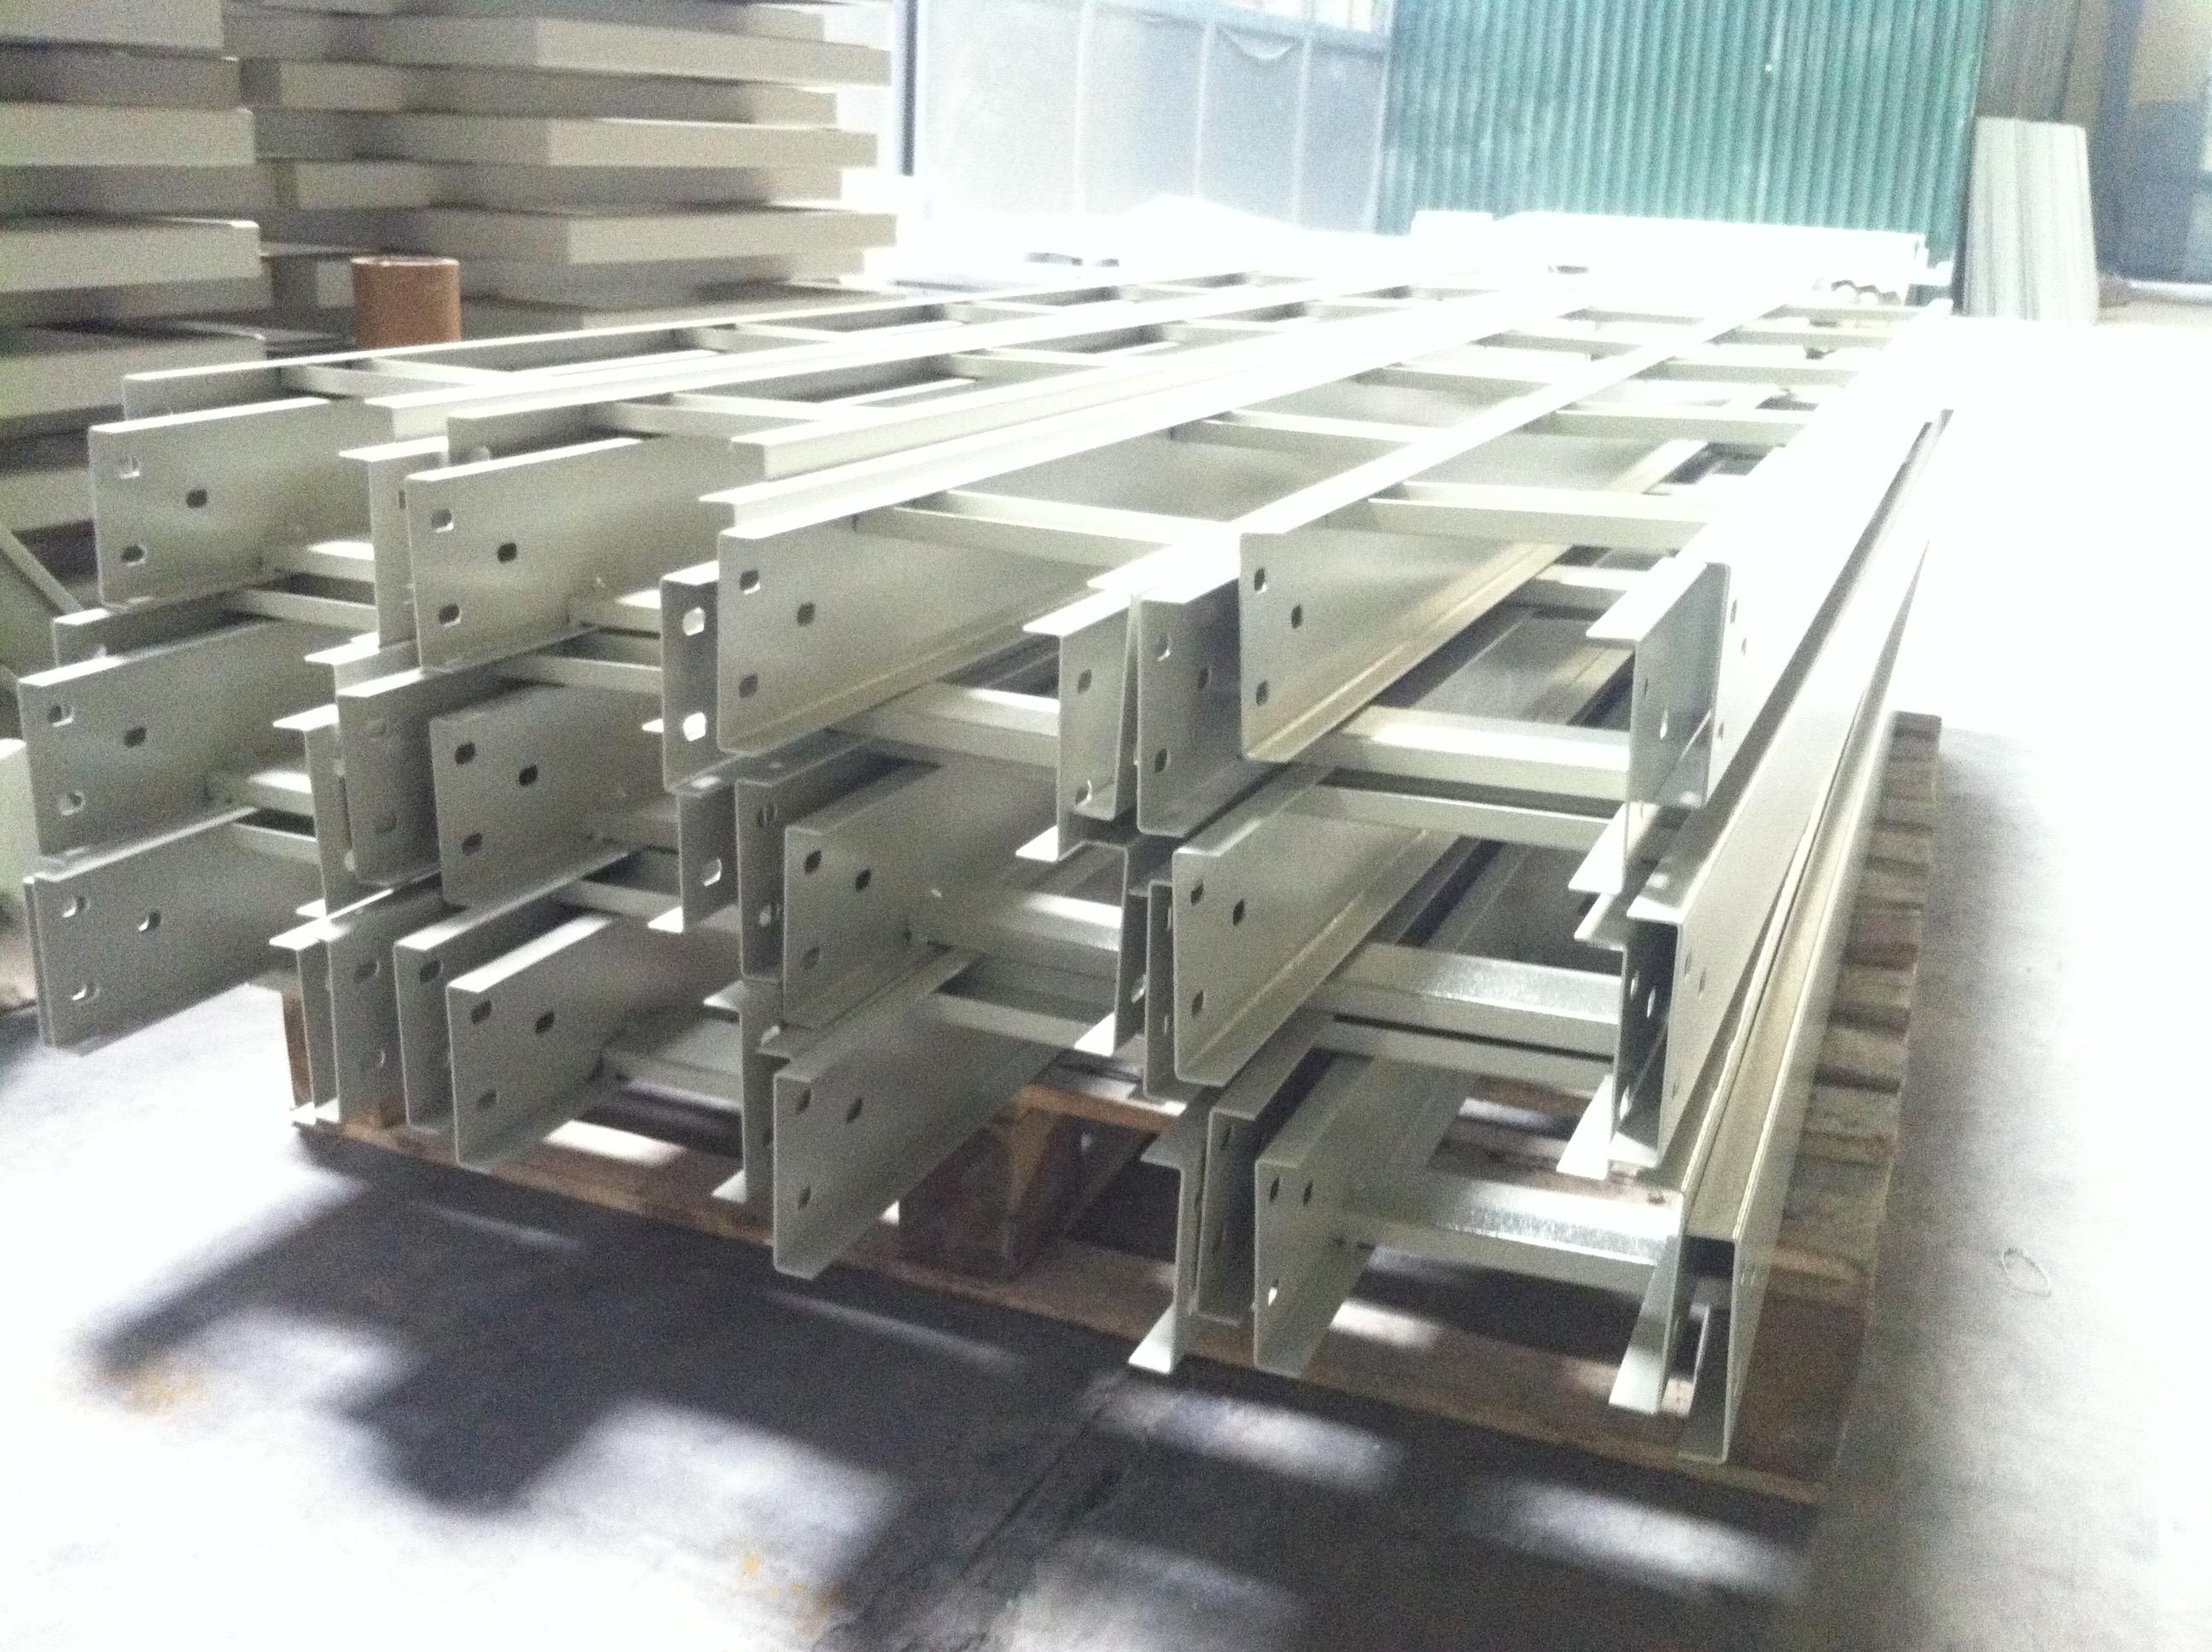 Máng cáp chất lượng có sẵn, tiến độ sản xuất nhanh